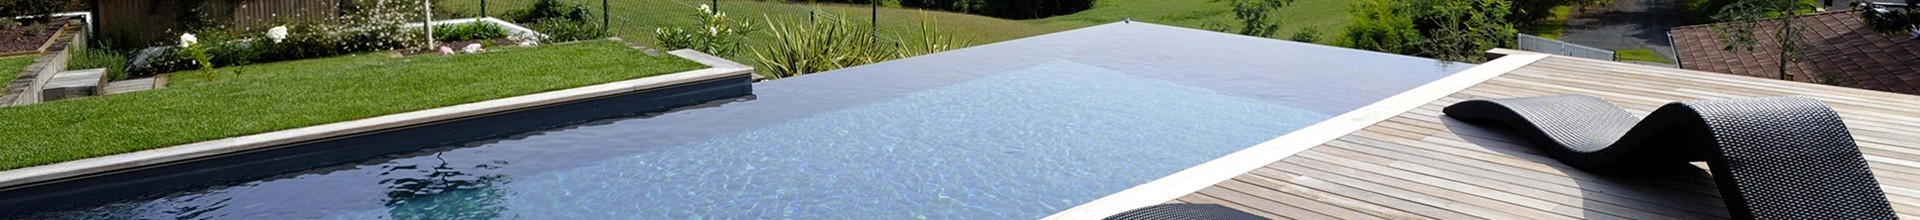 Direct usine, piscine coque prix Meuse